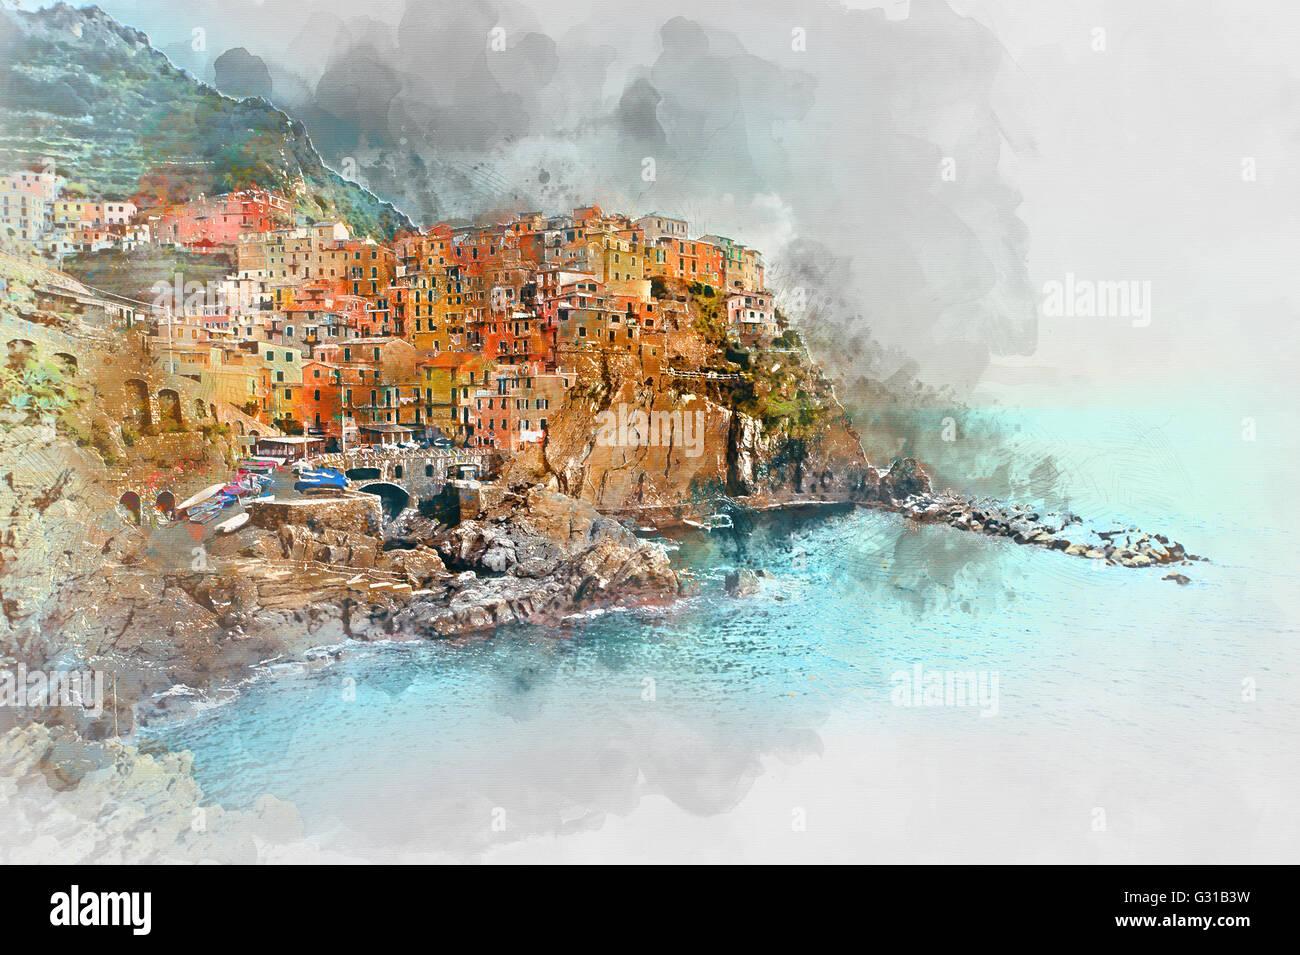 Aquarelle numérique de Manarola. Manarola est une petite ville dans la province de La Spezia, Ligurie, Italie Photo Stock